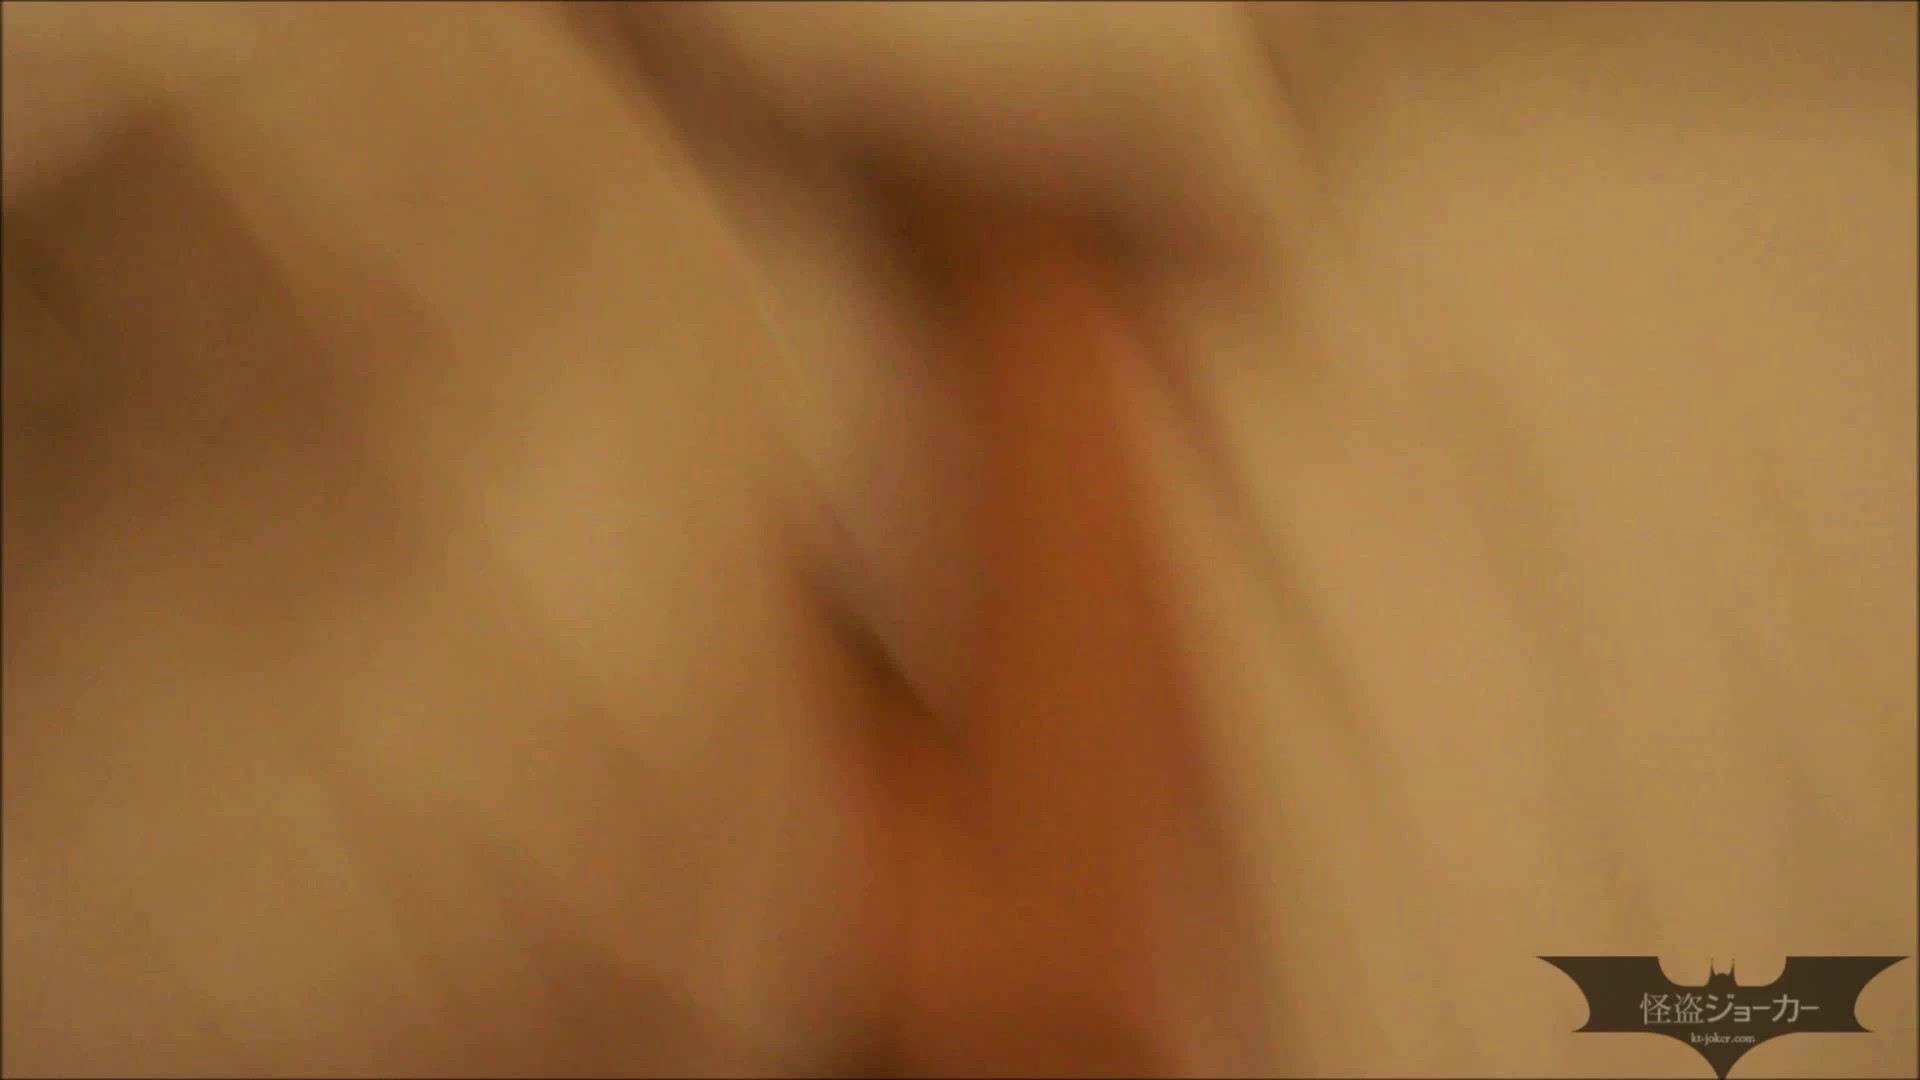 【未公開】vol.20 セレブ美魔女・カリソメの笑顔。最後の交わり...生中出し OLハメ撮り  83Pix 34